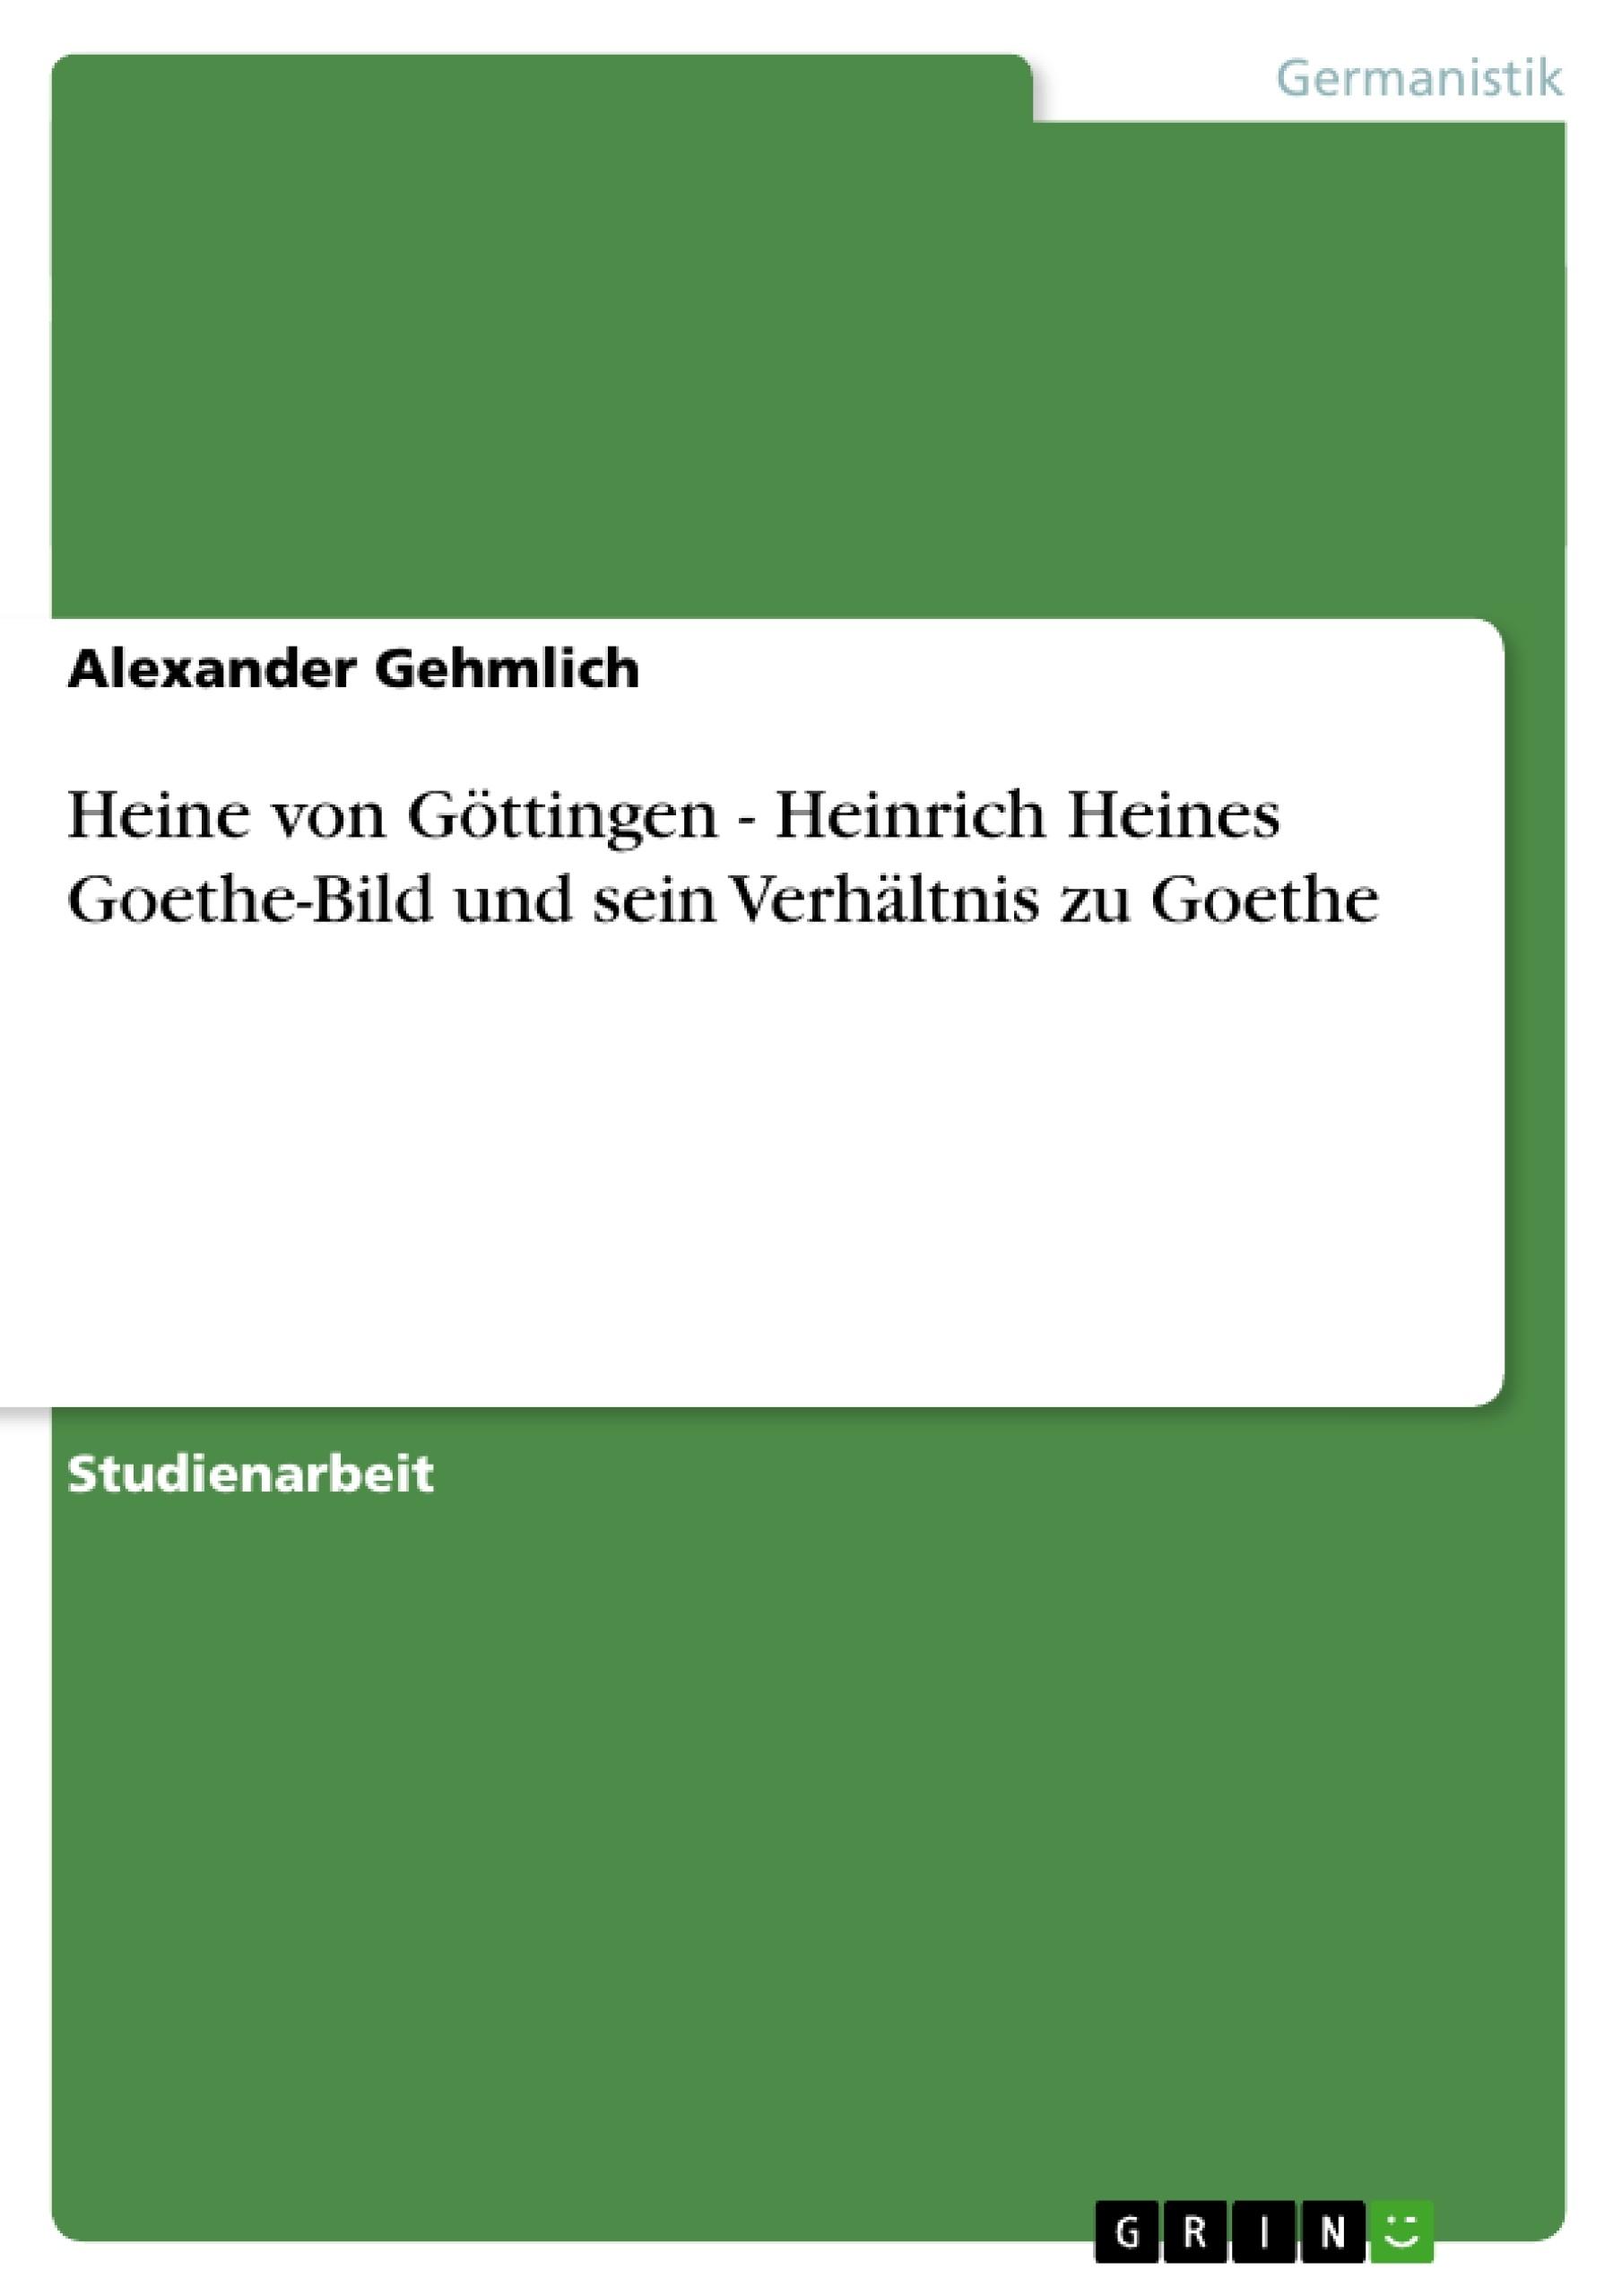 Titel: Heine von Göttingen - Heinrich Heines Goethe-Bild und sein Verhältnis zu Goethe